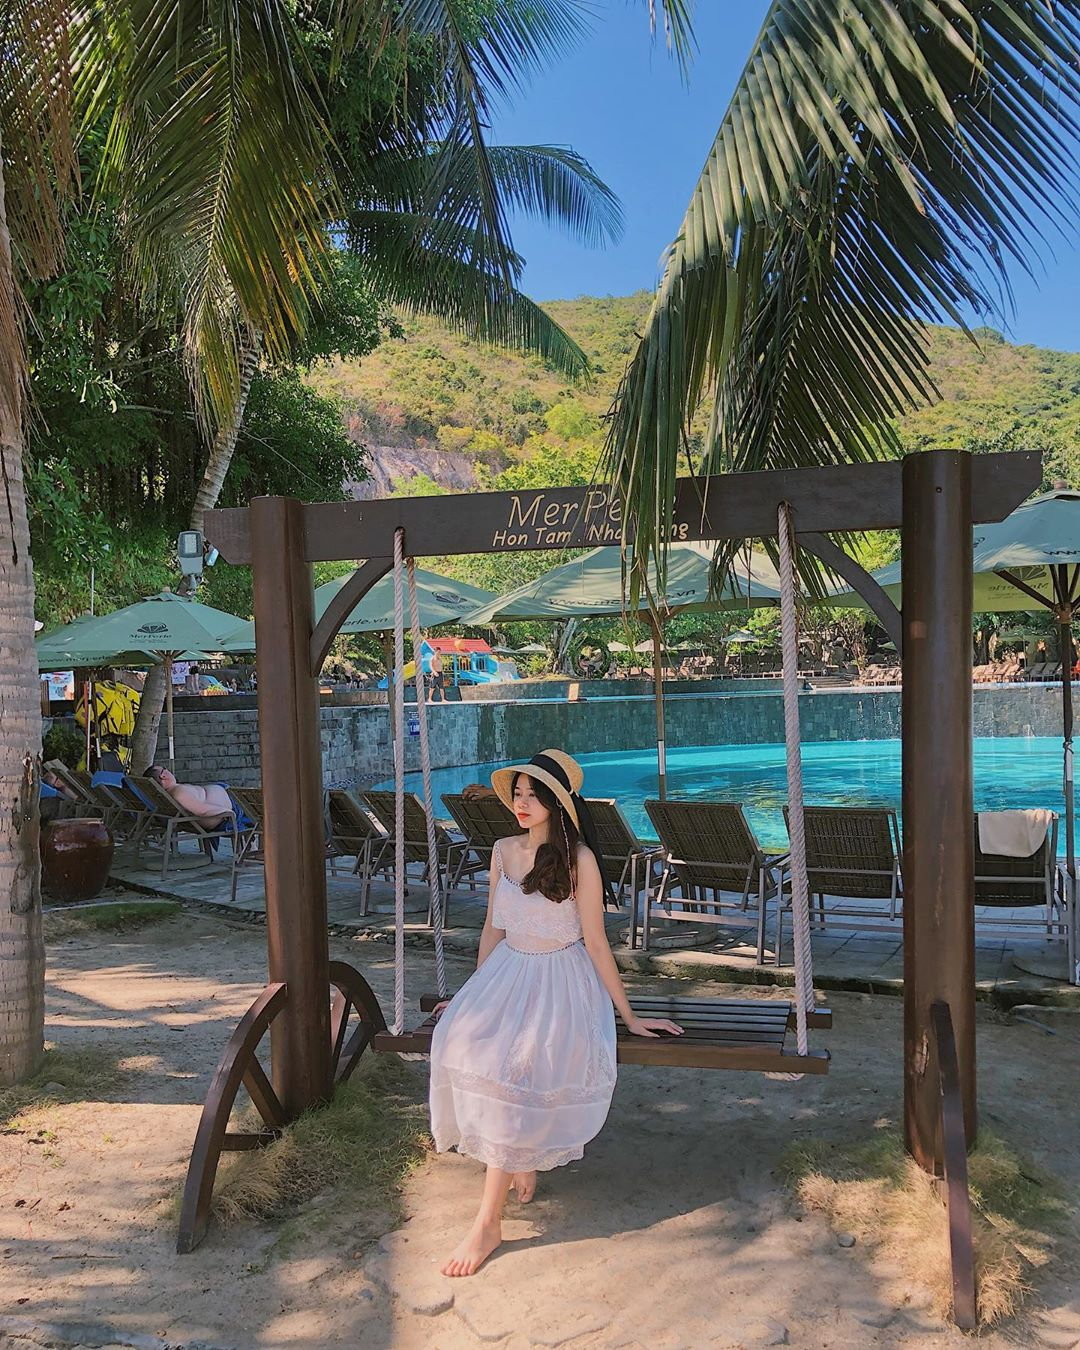 Tour du lịch Nha Trang 1 ngày: Khám phá thiên đường biển đảo với chi phí cực hấp dẫn - Ảnh 17.